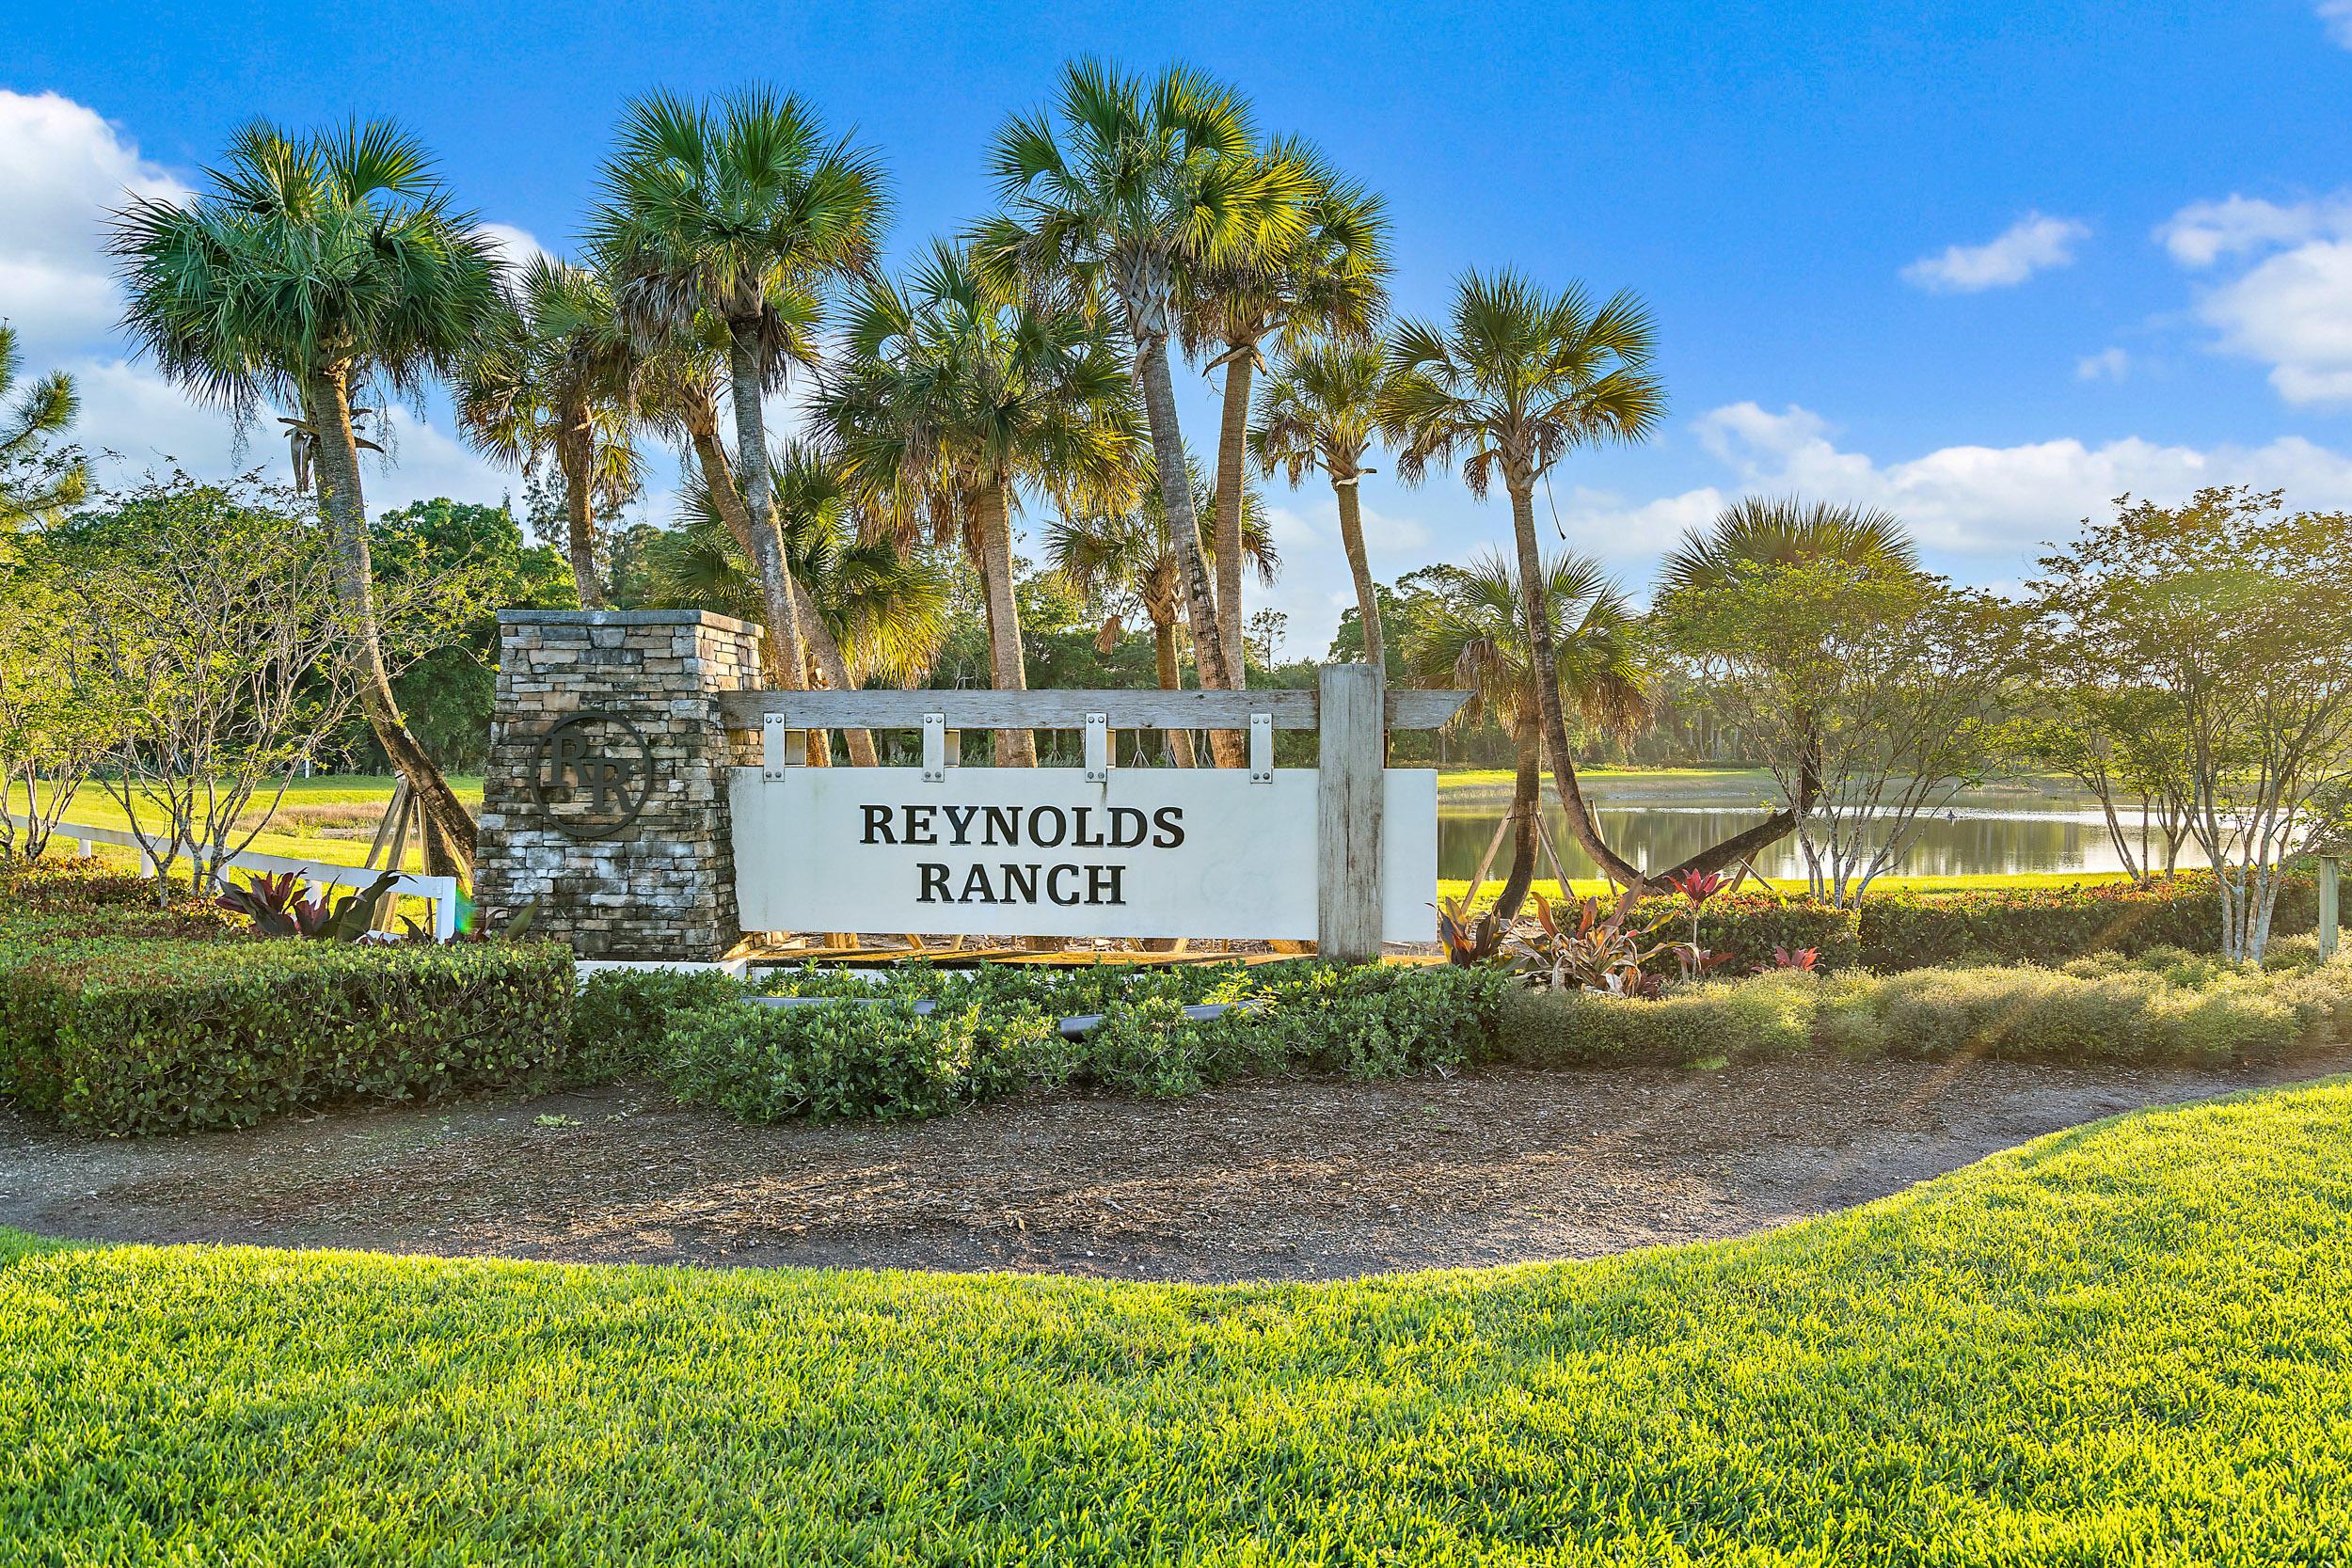 Reynolds Ranch